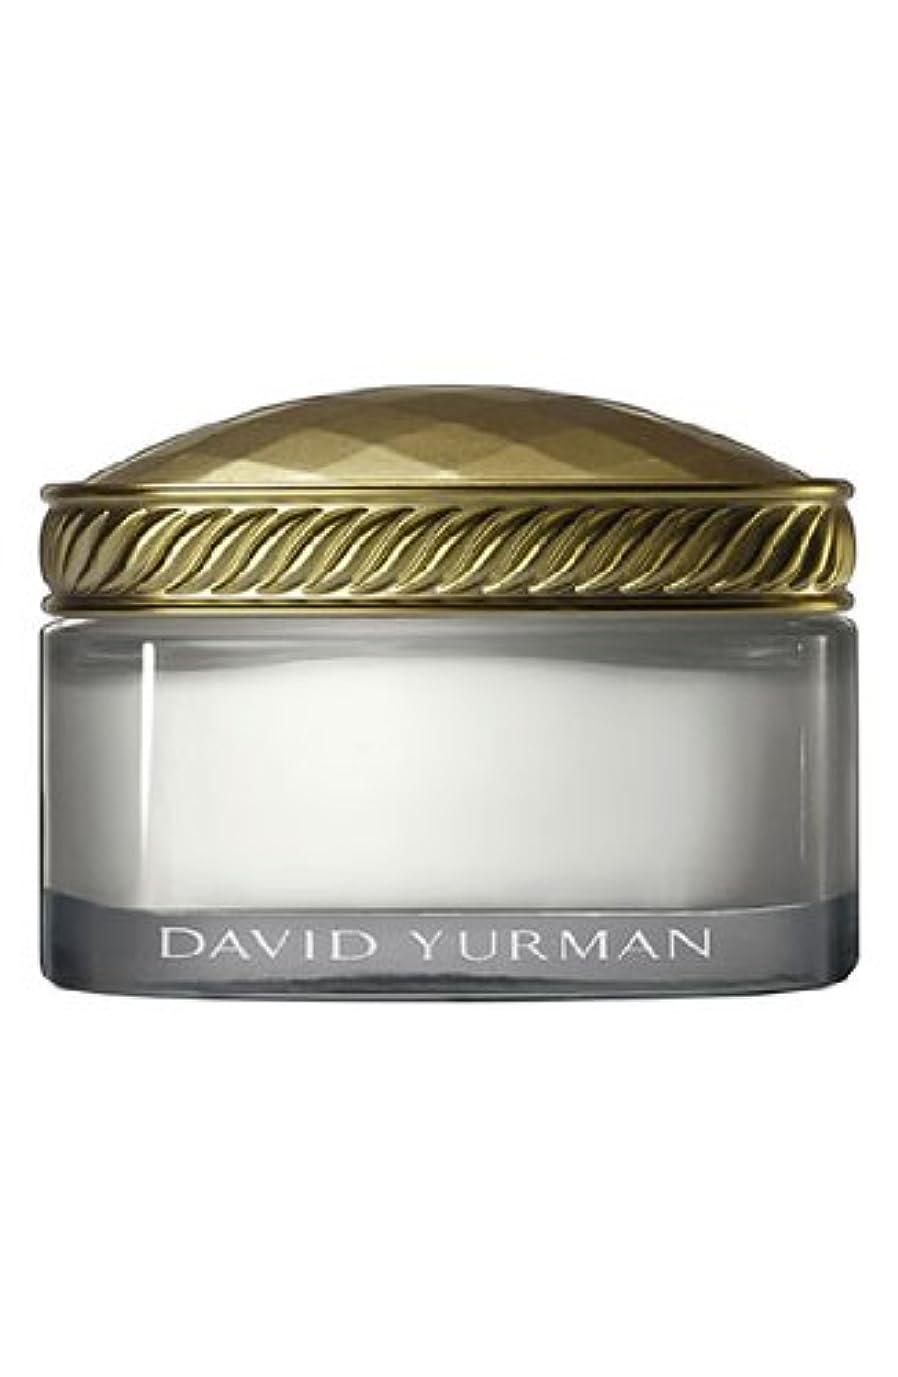 見せます癒すエッセンスDavid Yurman (デイビッド ヤーマン) 6.7 oz (100ml) Luxurious Body Cream (箱なし) for Women